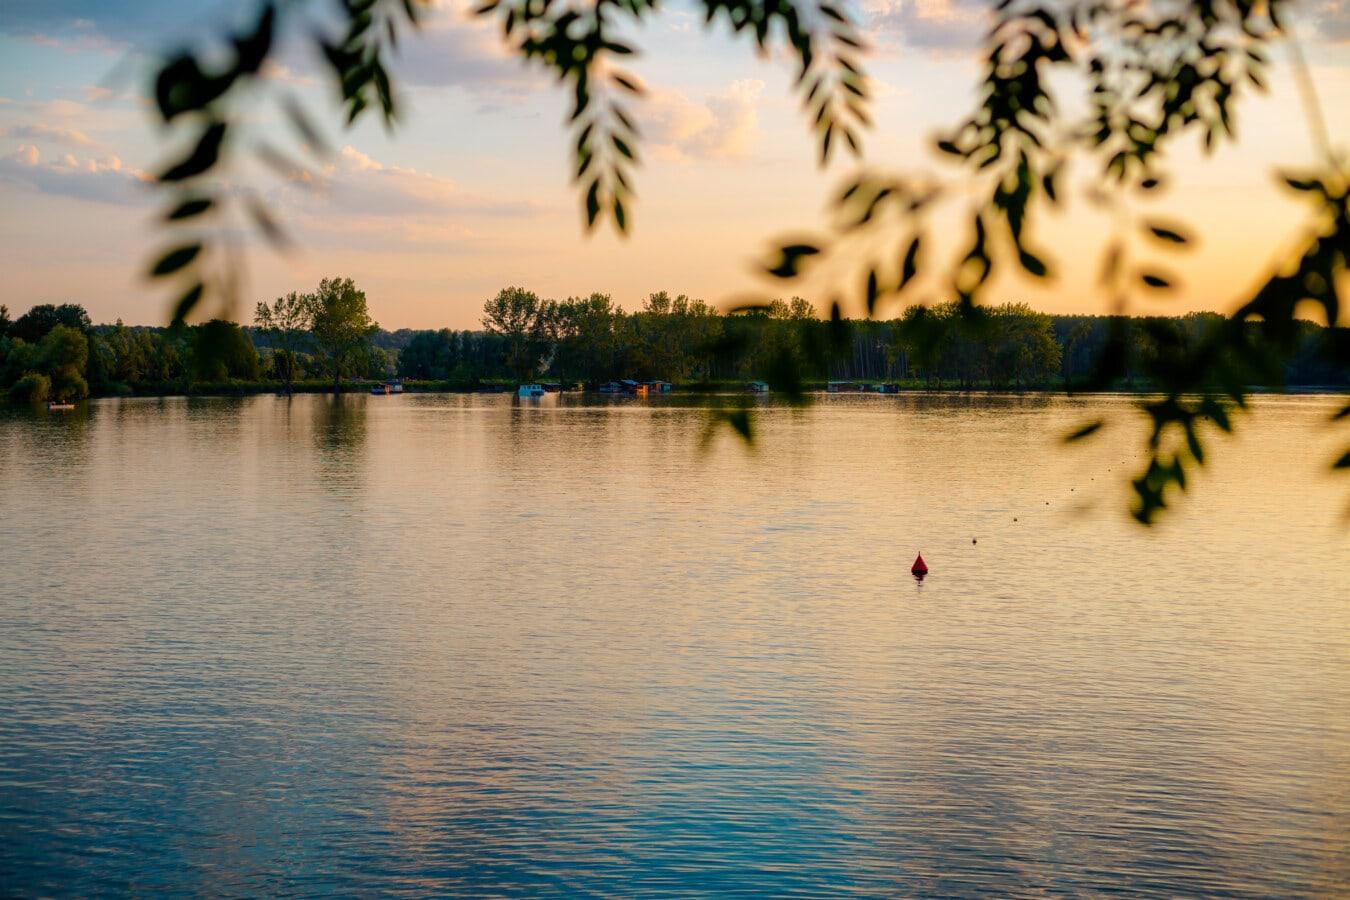 au bord du lac, crépuscule, soirée, horizon, eau, réflexion, soleil, paysage, arbre, coucher de soleil